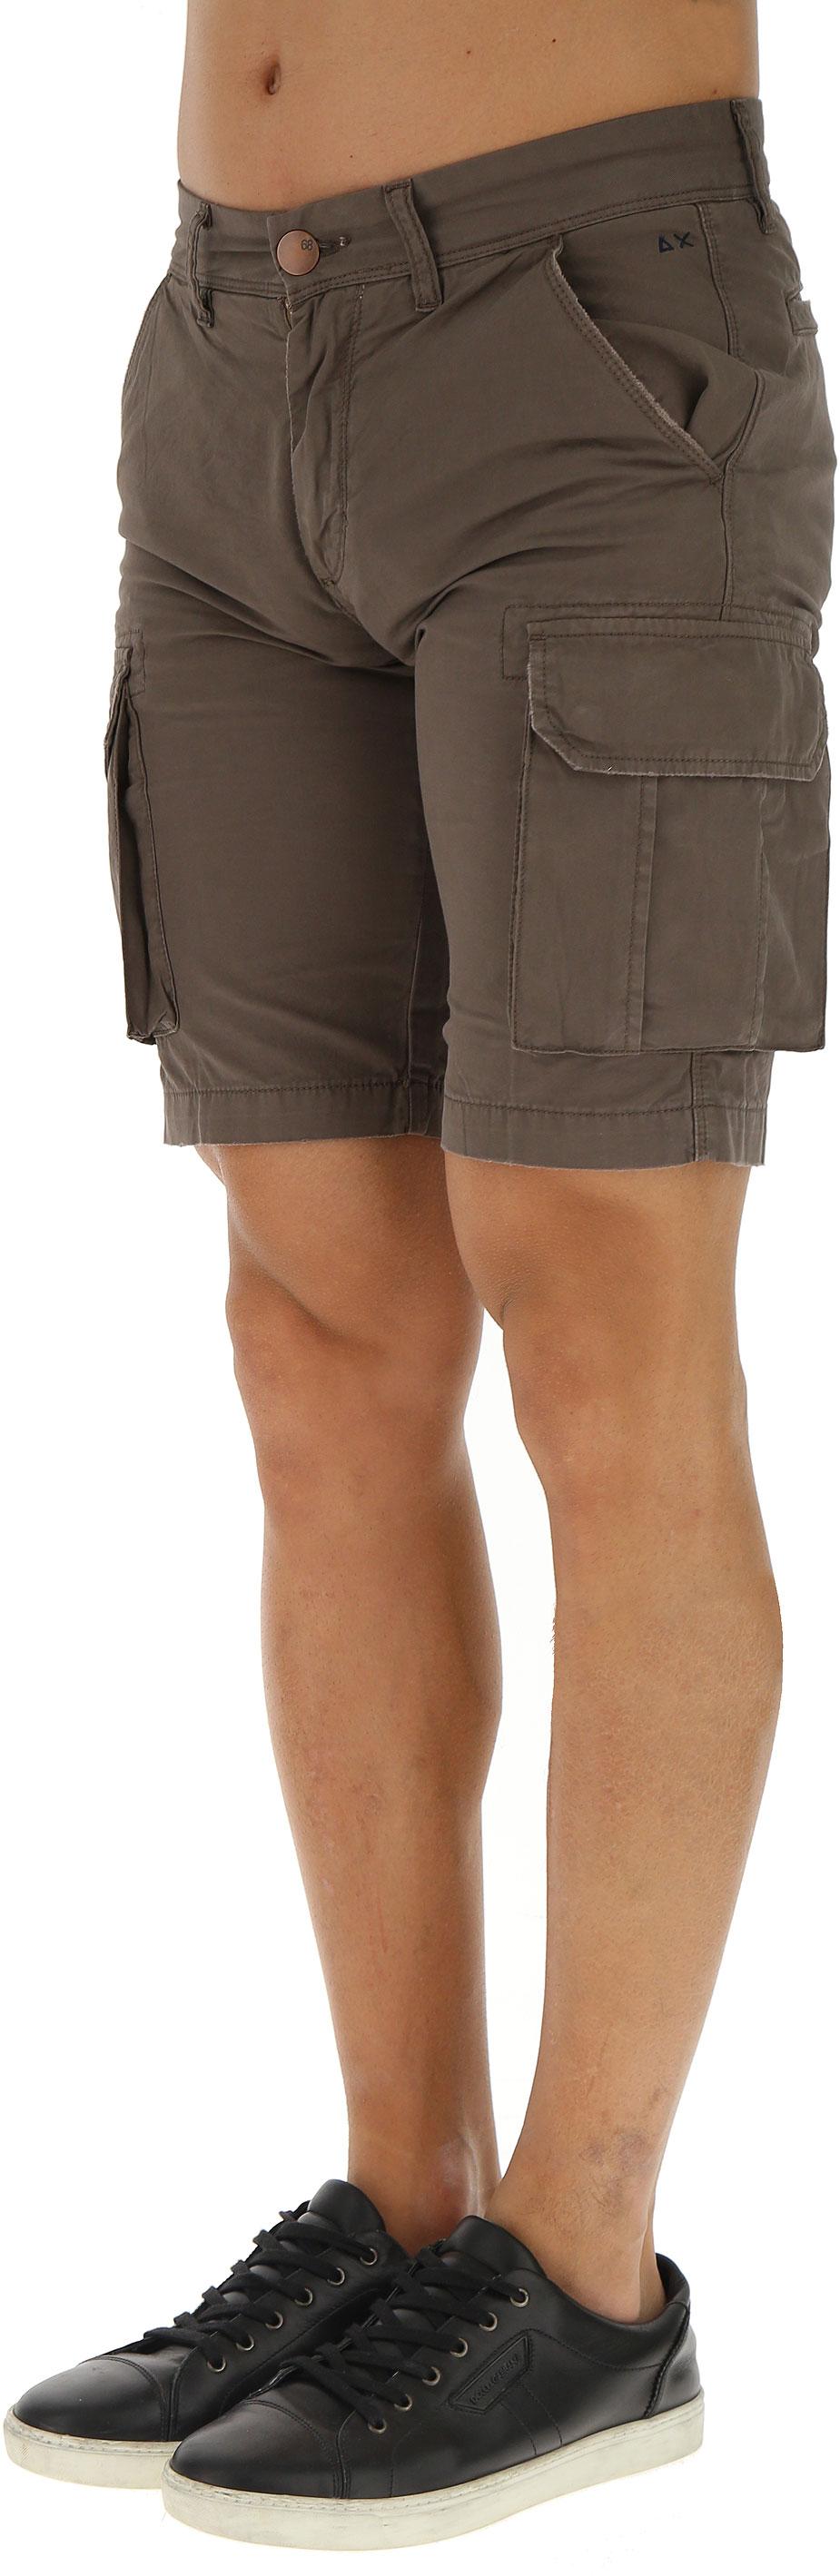 Abbigliamento Uomo Sun68, Codice Articolo: b18106-52-